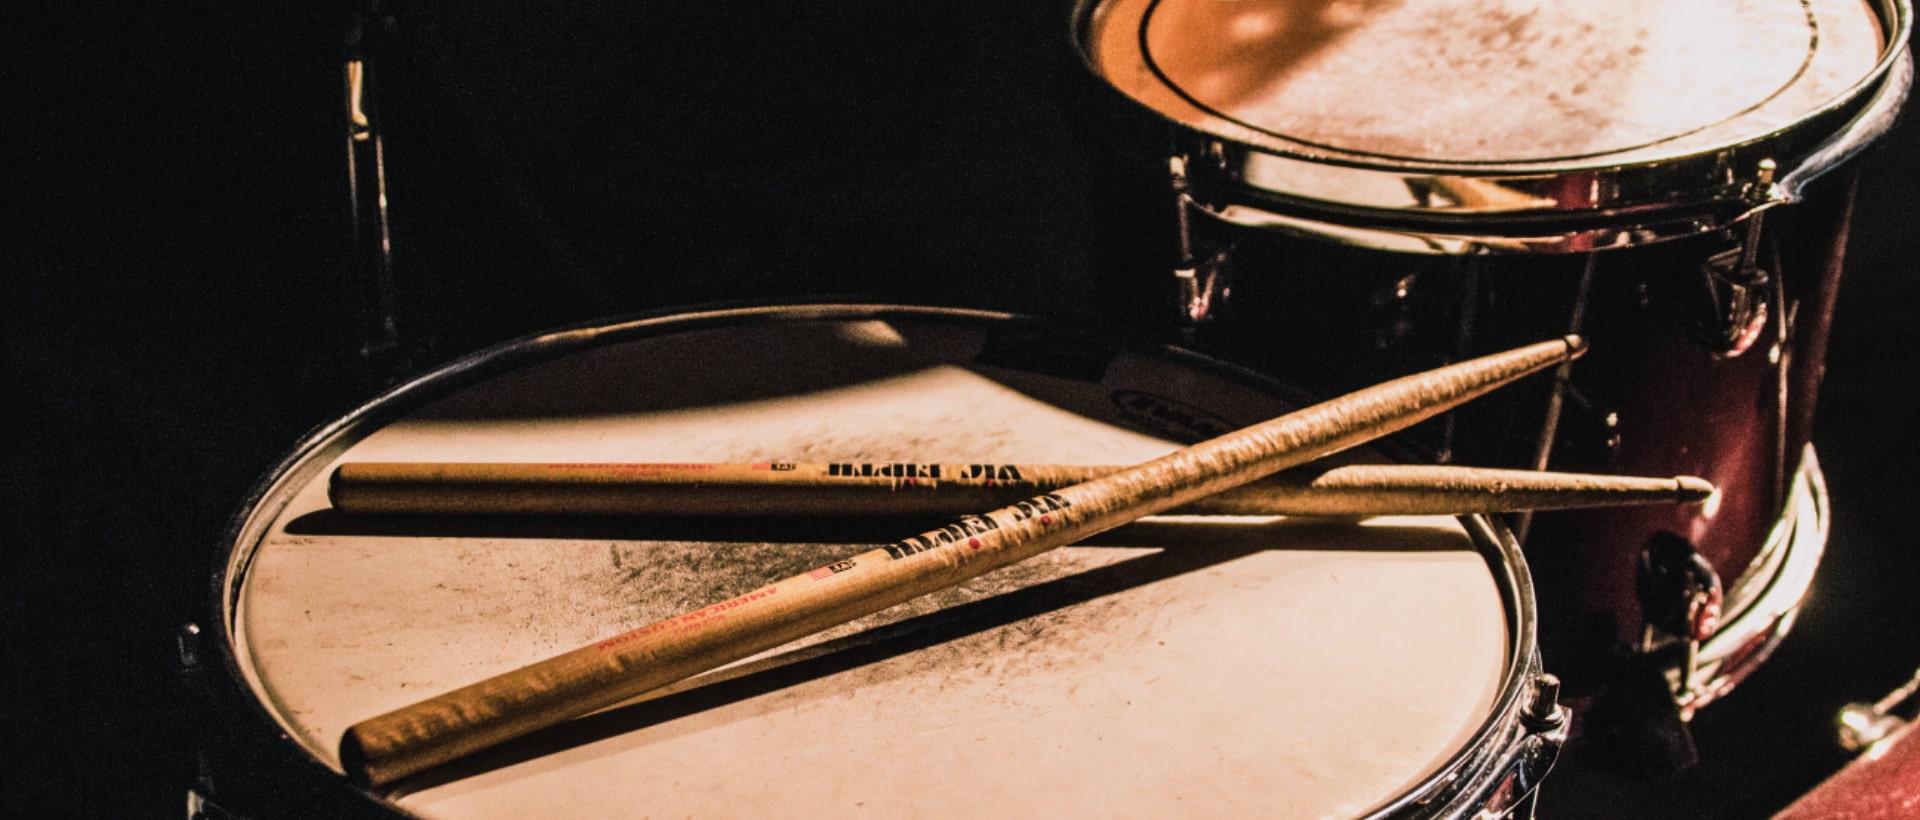 Accessoires pour instruments de musique